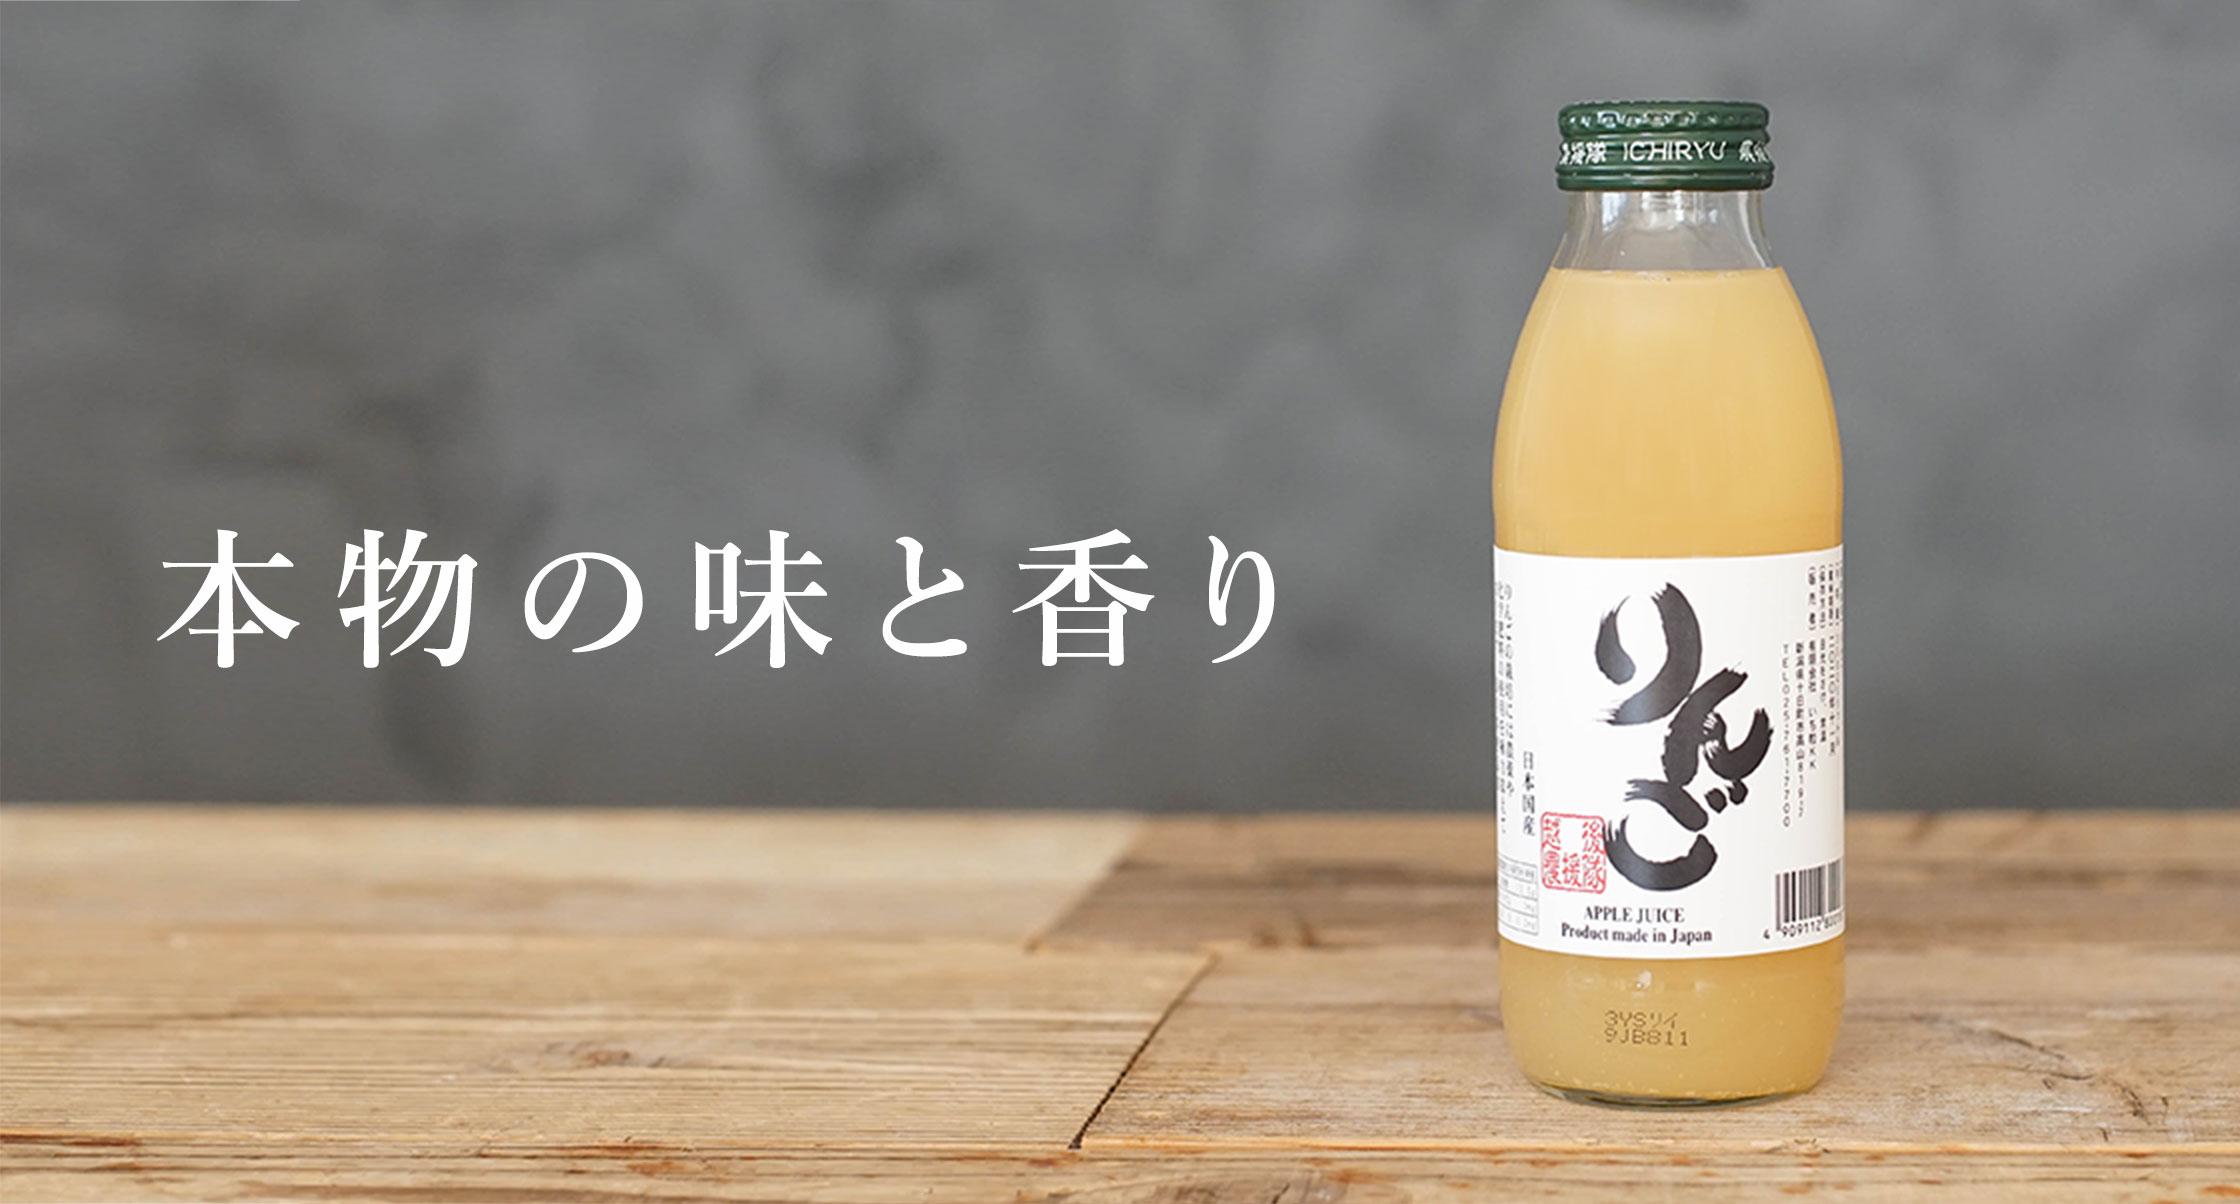 完熟りんごジュース 本物の味と香り